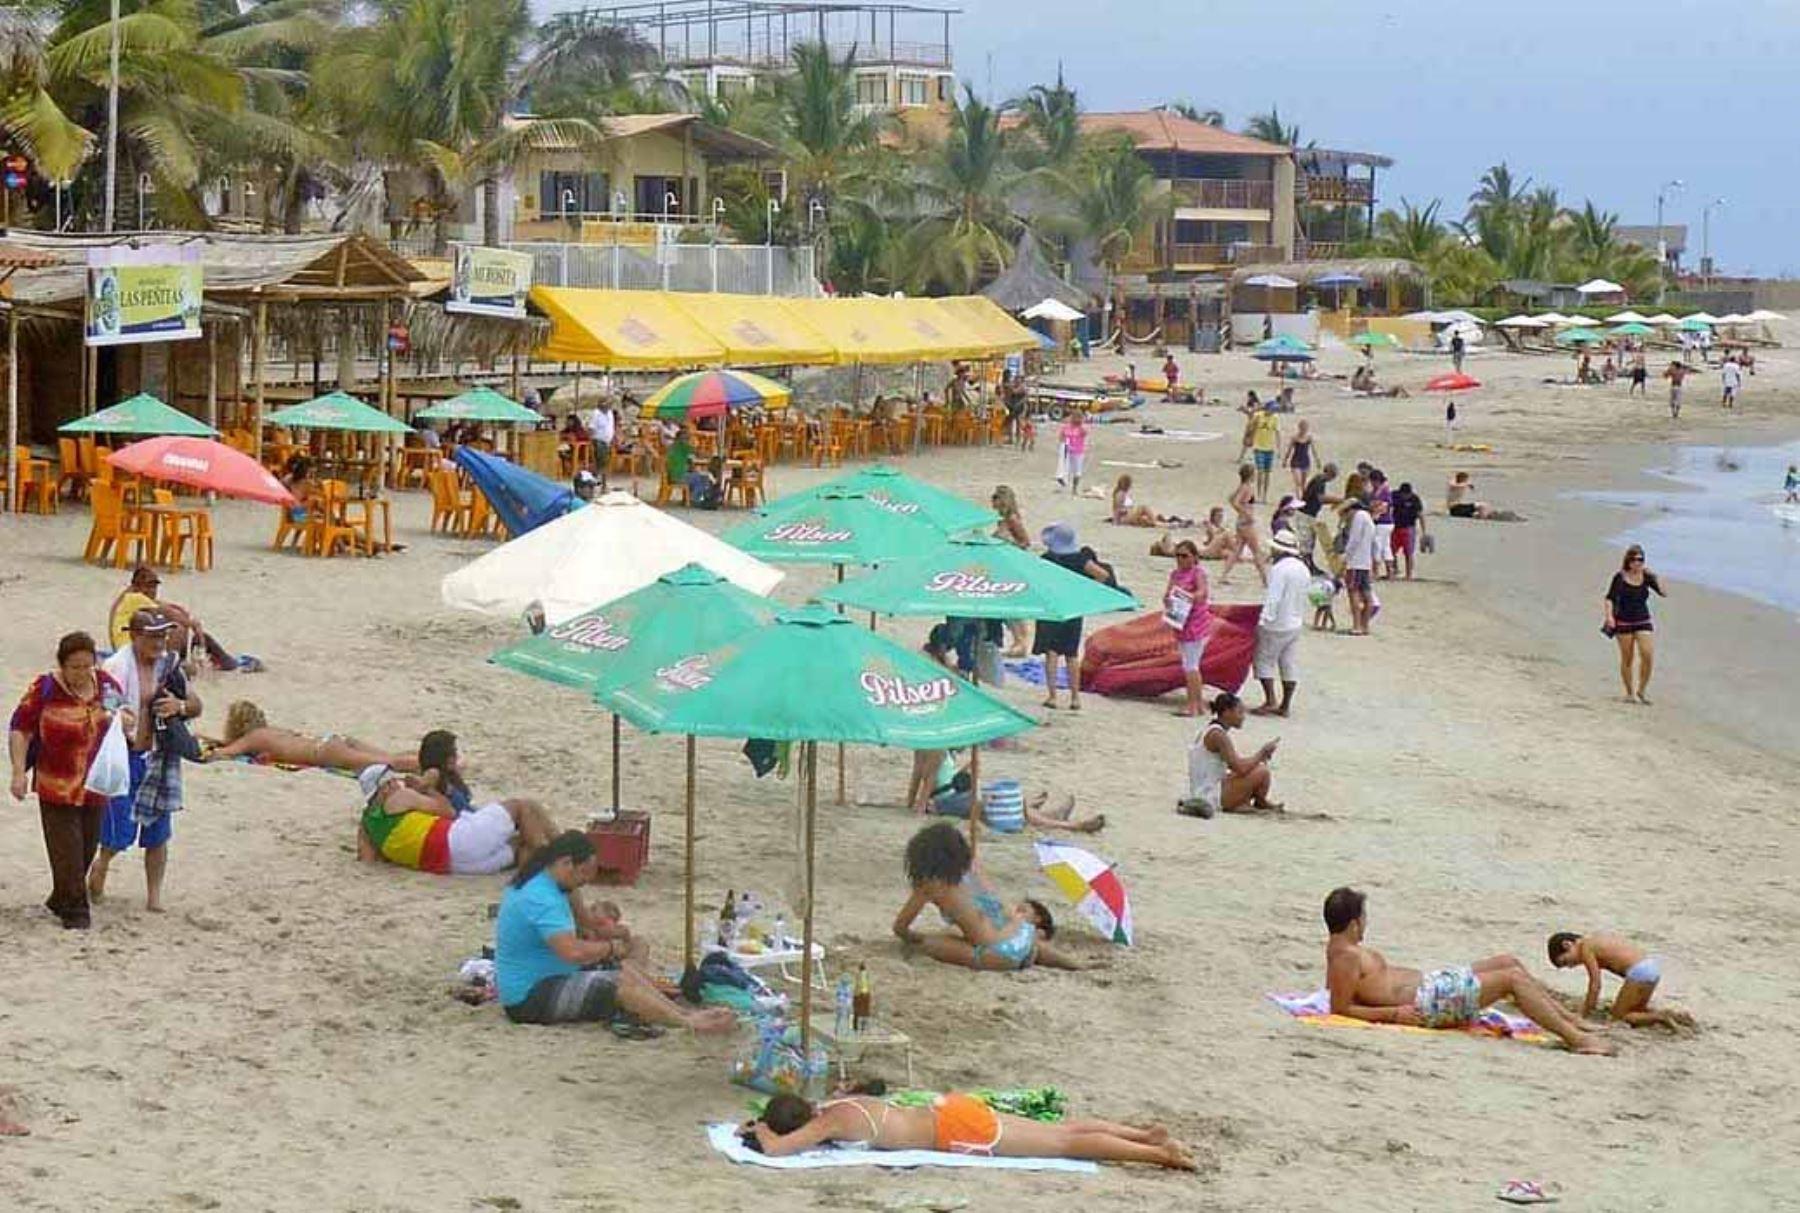 Año Nuevo: Máncora y otras playas de Talara esperan recibir a miles de  turistas | Noticias | Agencia Peruana de Noticias Andina